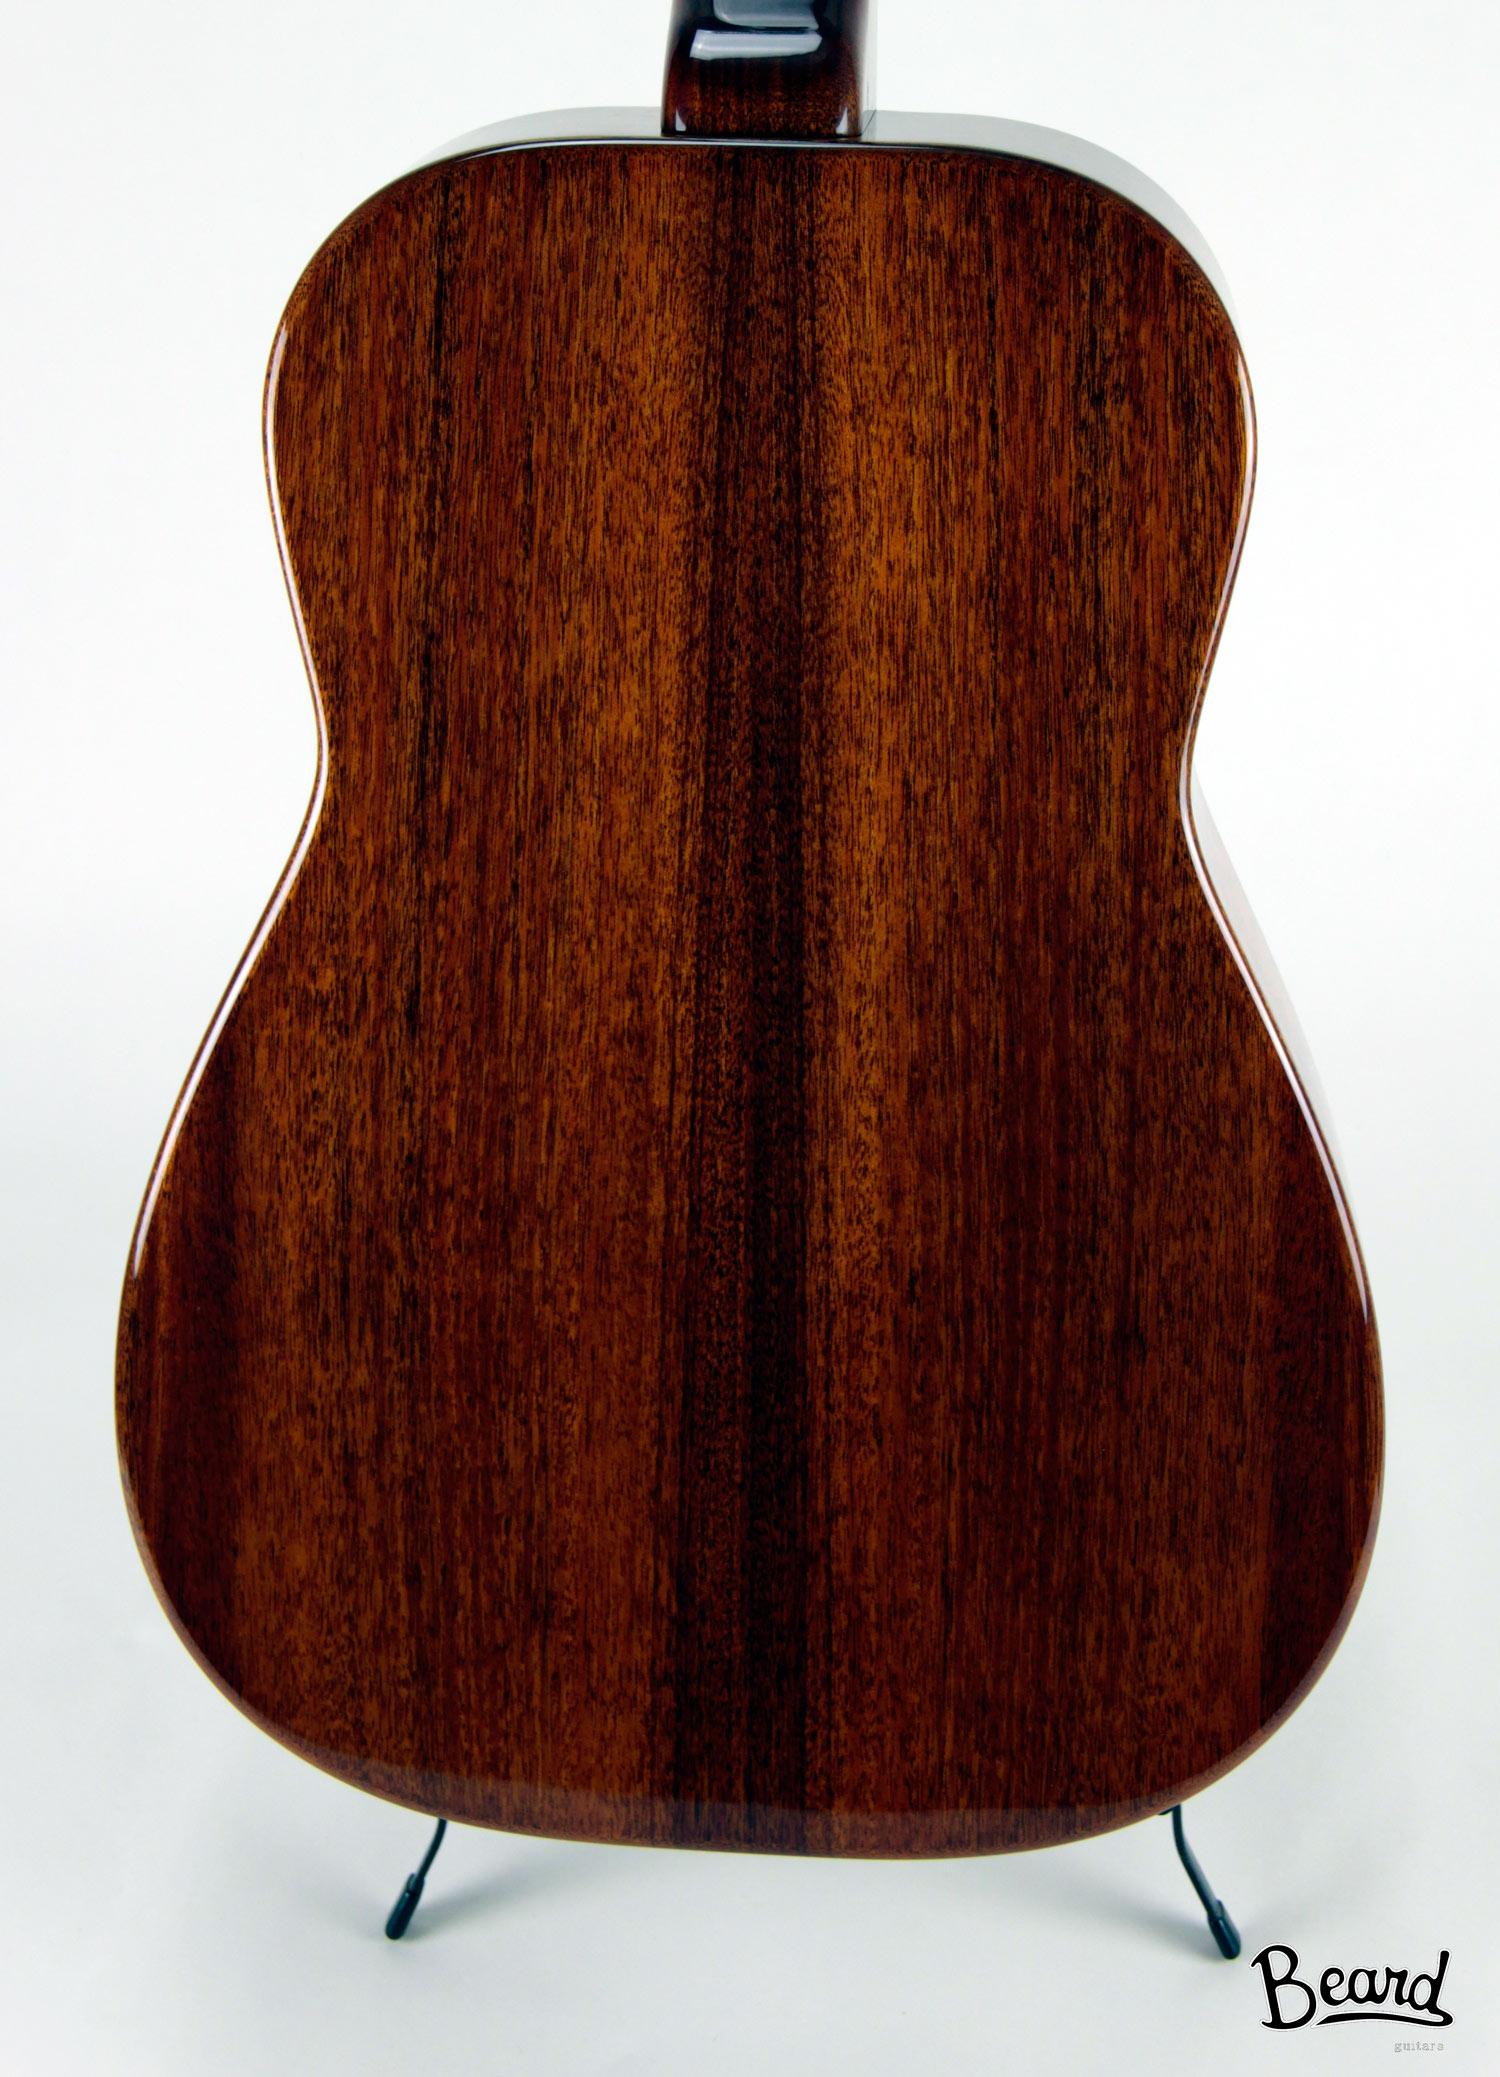 Belle-Beard-E-Odyssey-Nat-mahog-Custom-Back.jpg